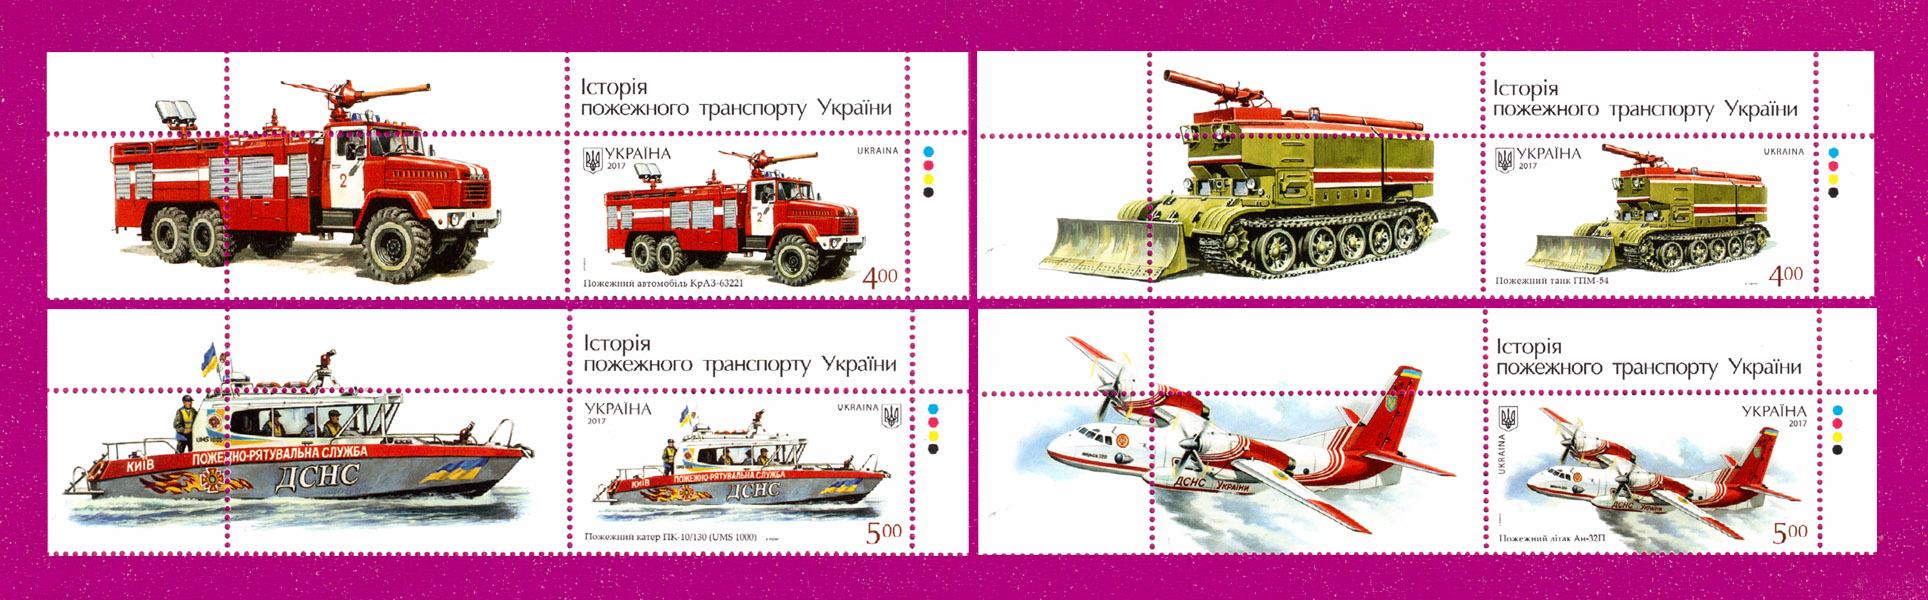 2017 часть листа Пожарная техника ВЕРХ С КУПОНАМИ СЕРИЯ Украина